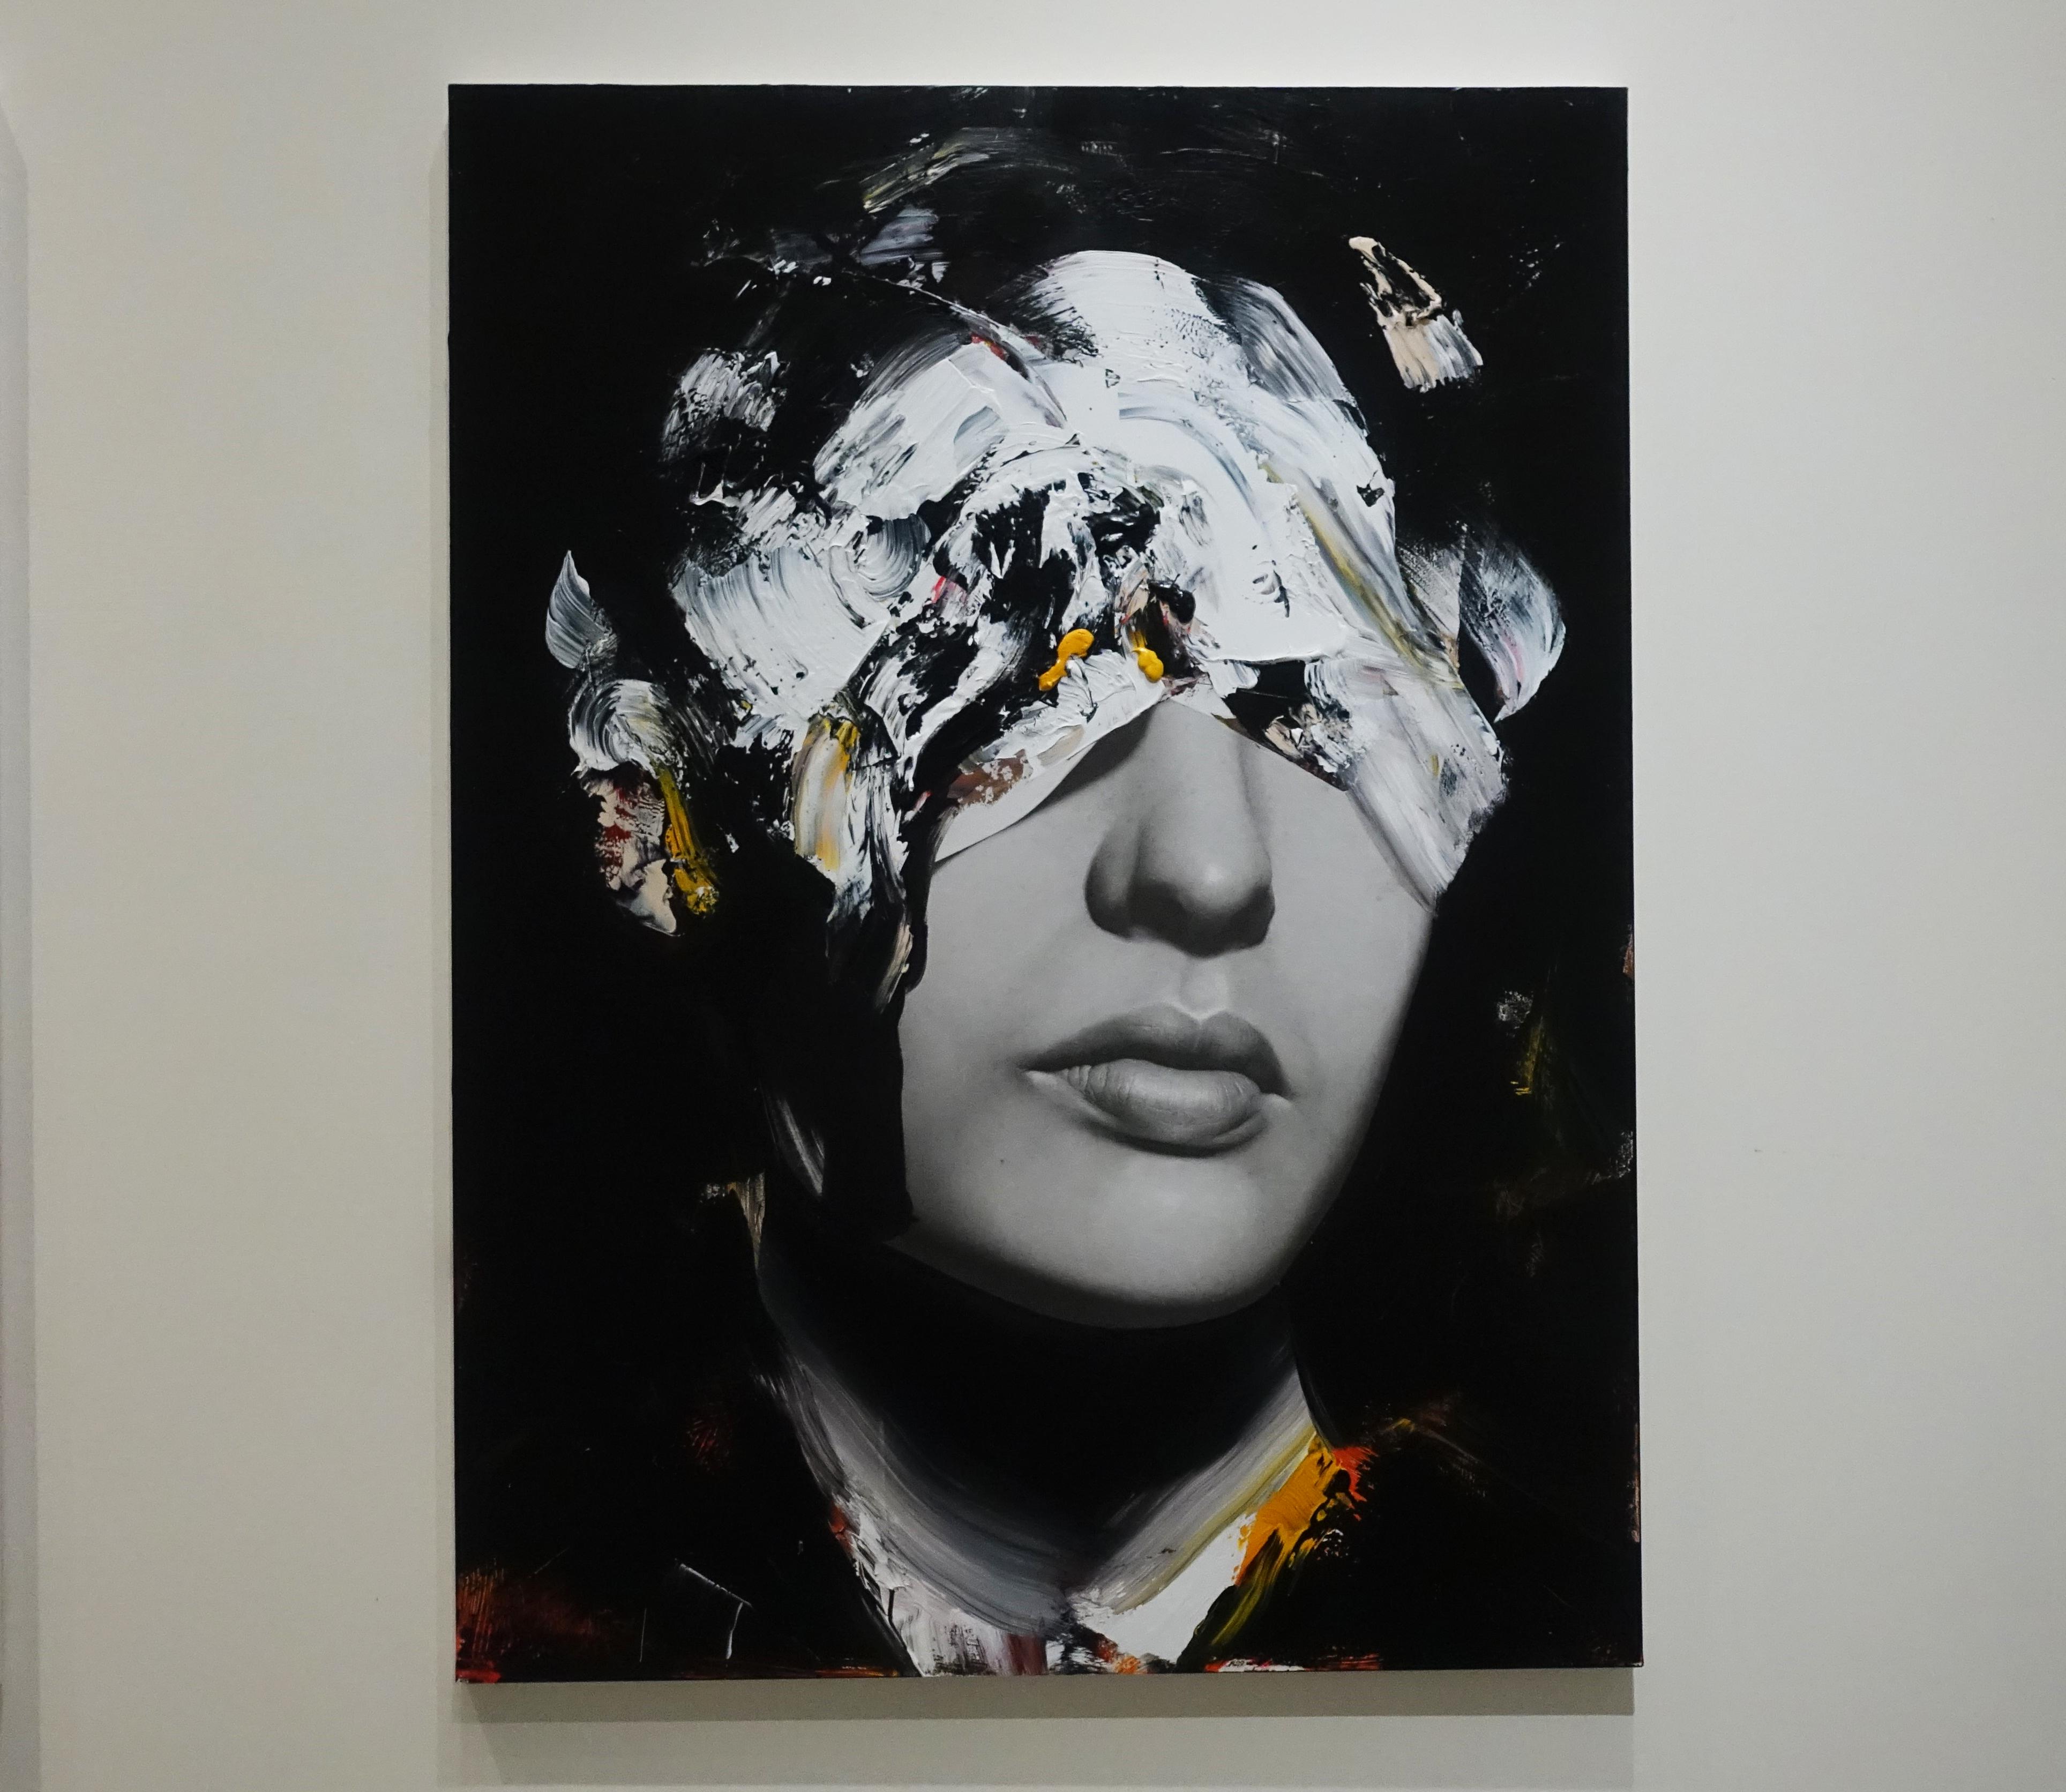 佐藤誠高,《VIP2》,130 x 97 cm,鉛筆、壓克力、紙、木板,2019。